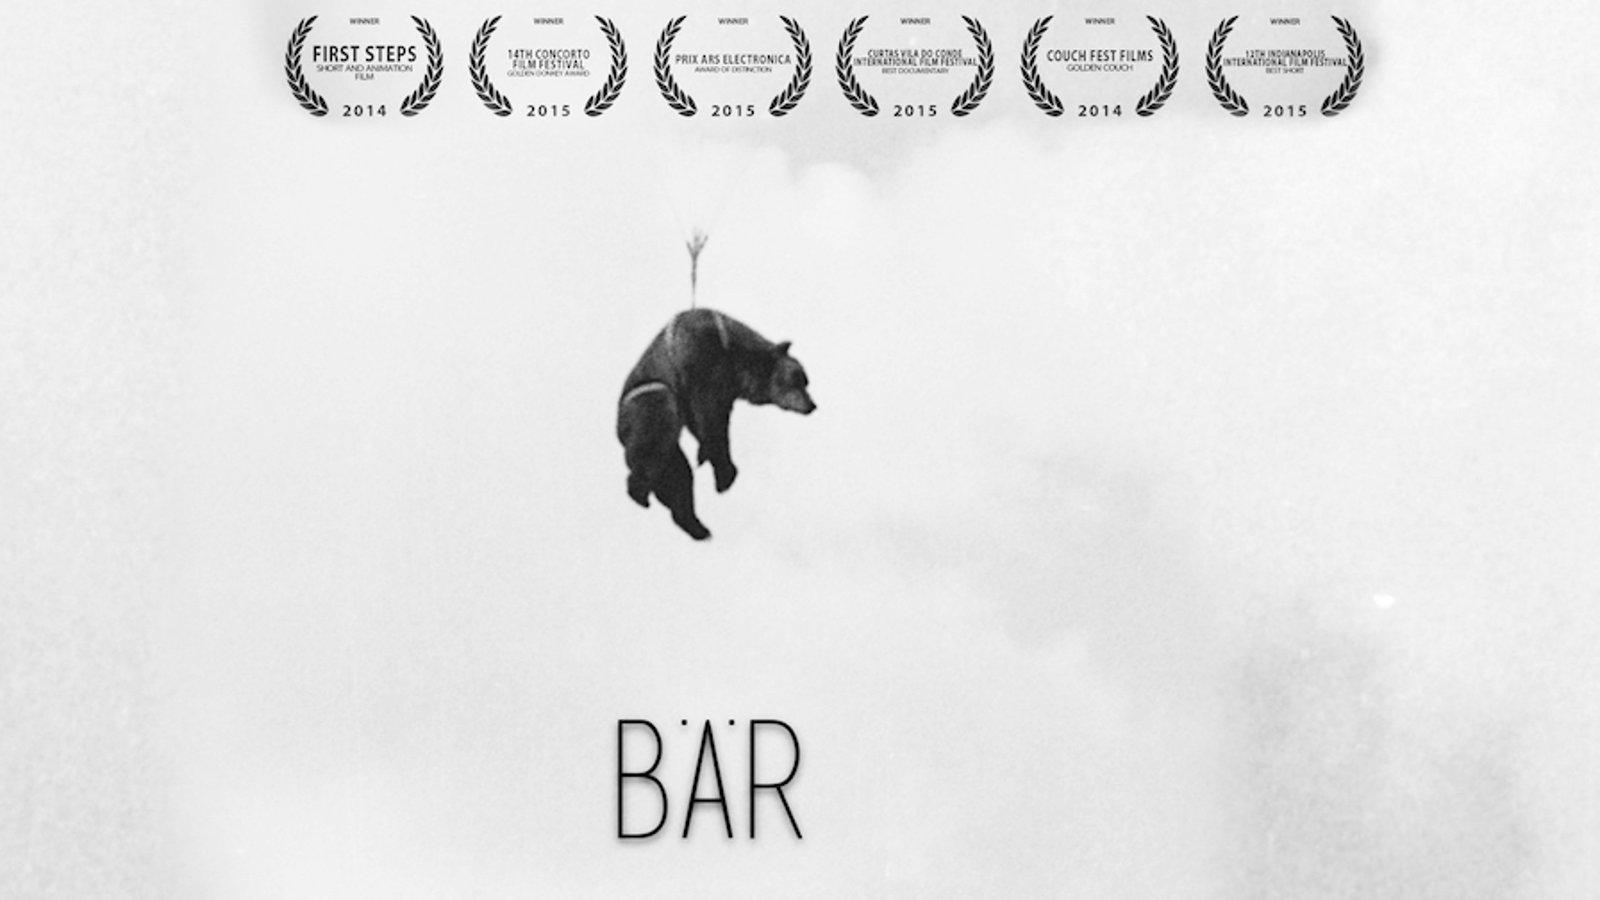 Bär (Bear)